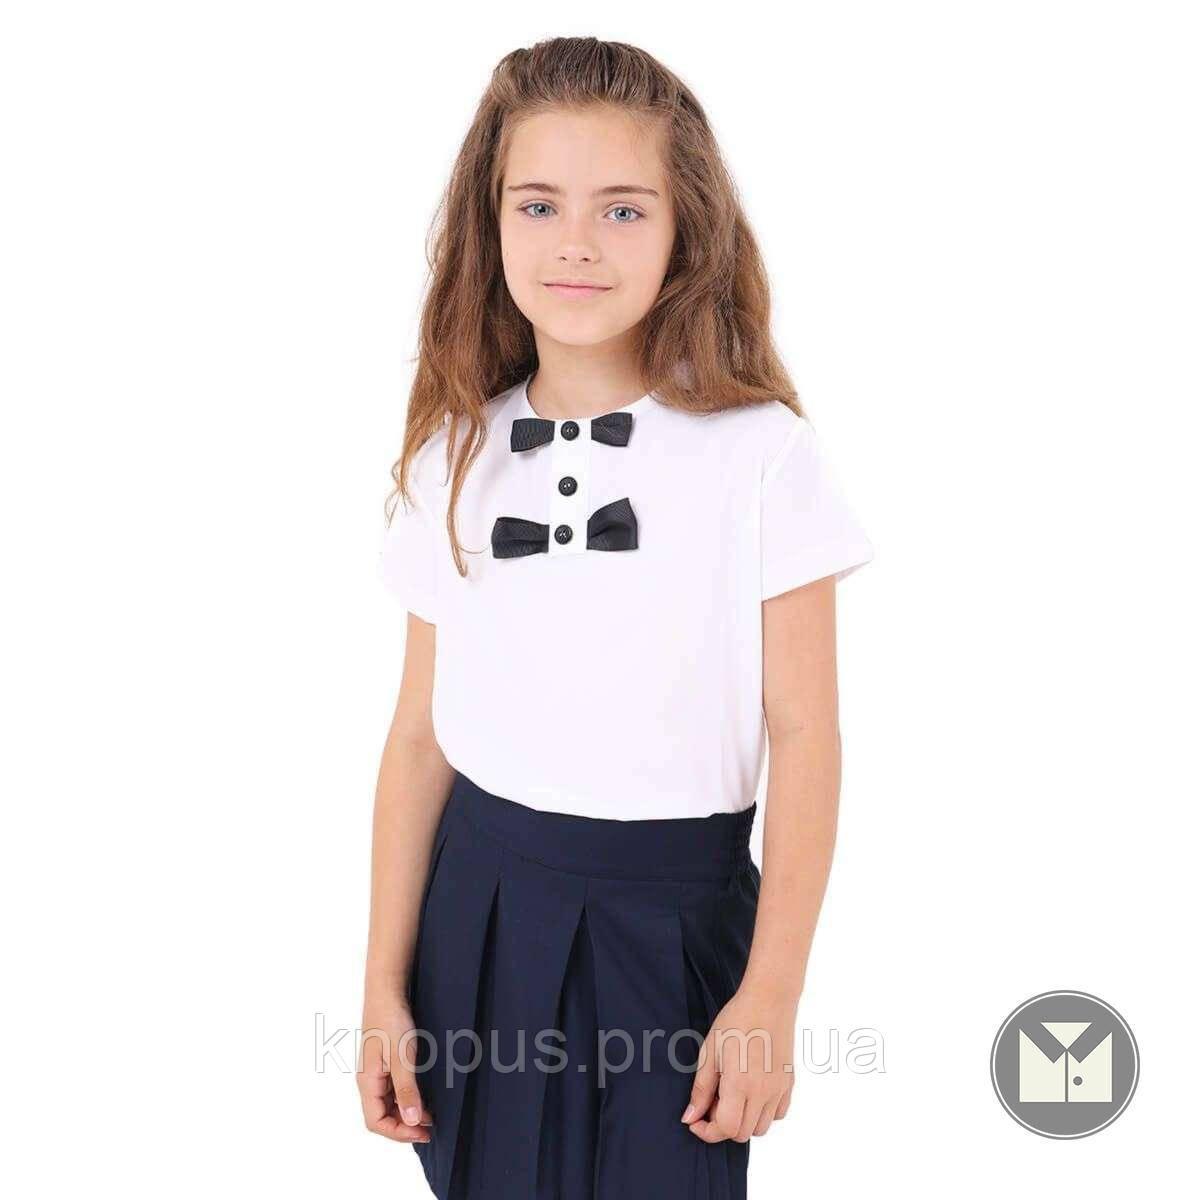 Блуза  белая с коротким рукавом (B034058), Тимбо